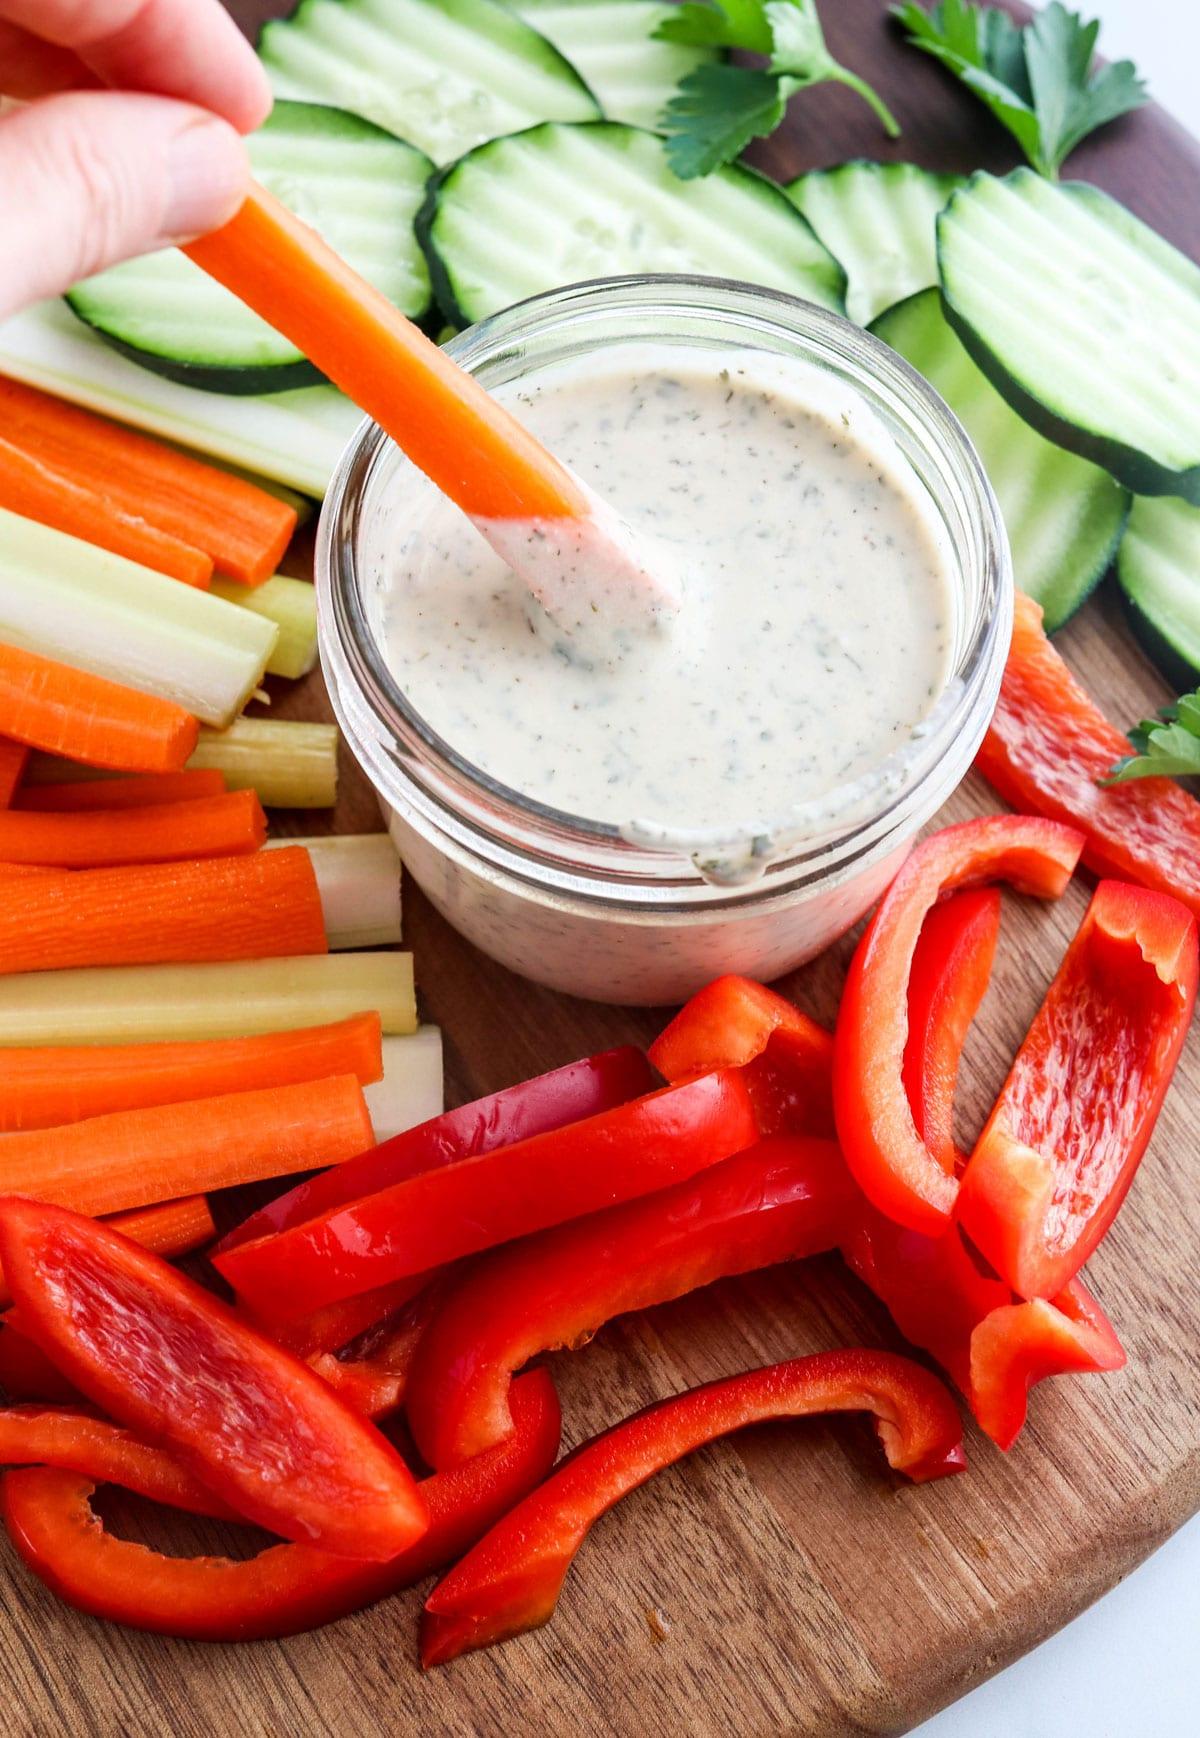 carrot dipped in vegan ranch dressing